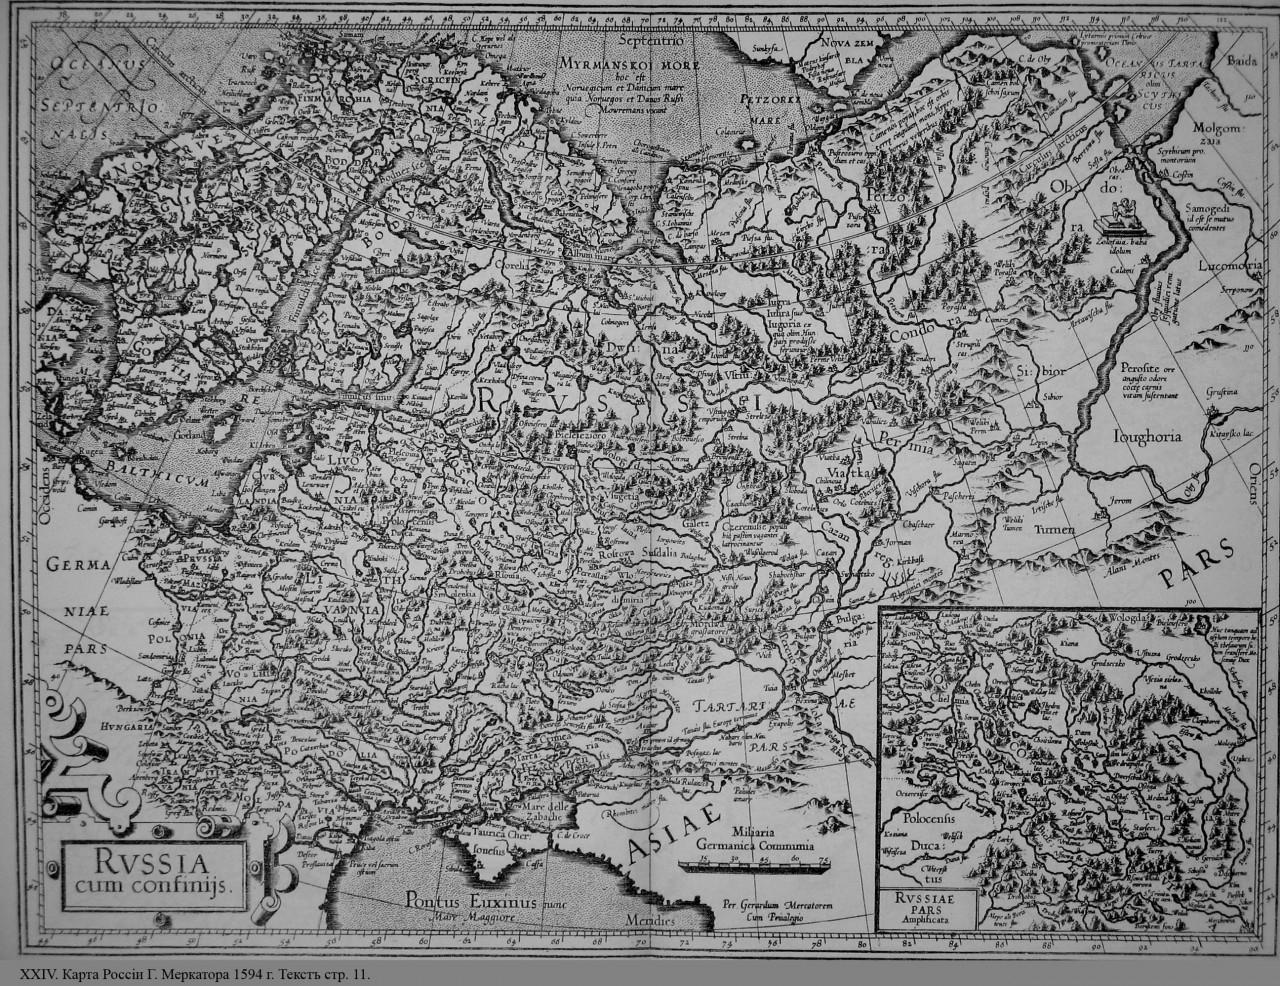 Неизвестные города 16 века северного полушария. Другая история.